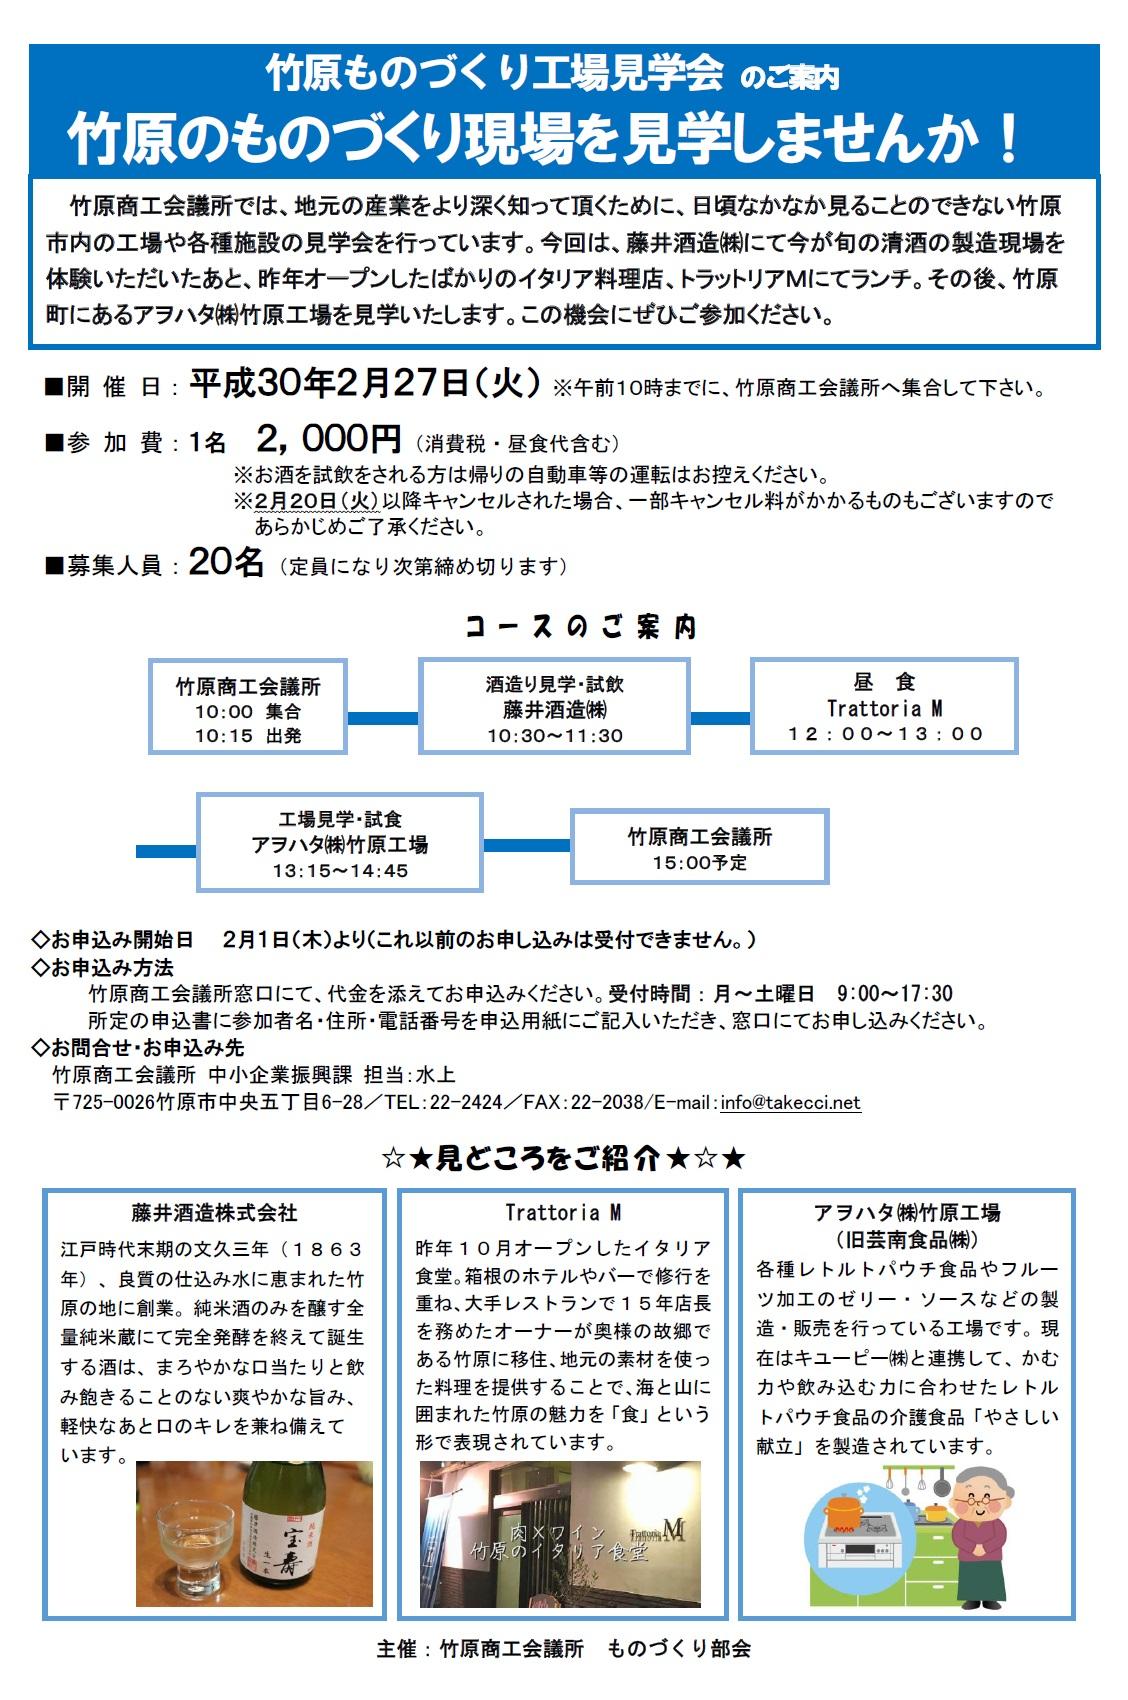 【2月27日開催】竹原ものづくり工場見学会のイメージ